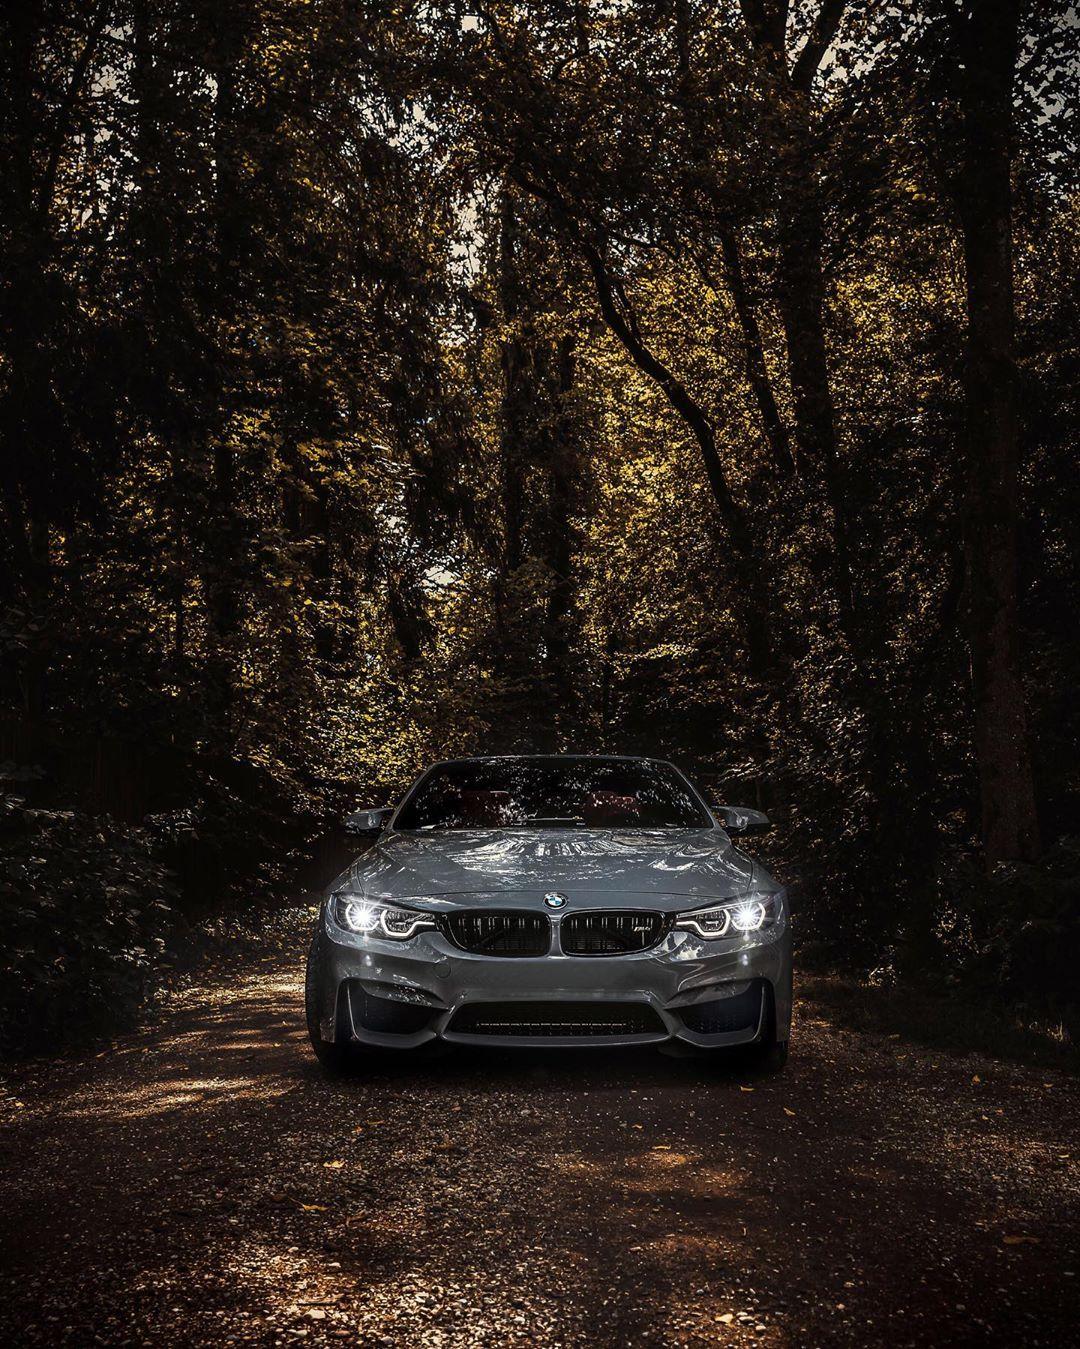 BMW M4 Cabrio. Für adrenalinreiche Fahrerlebnisse